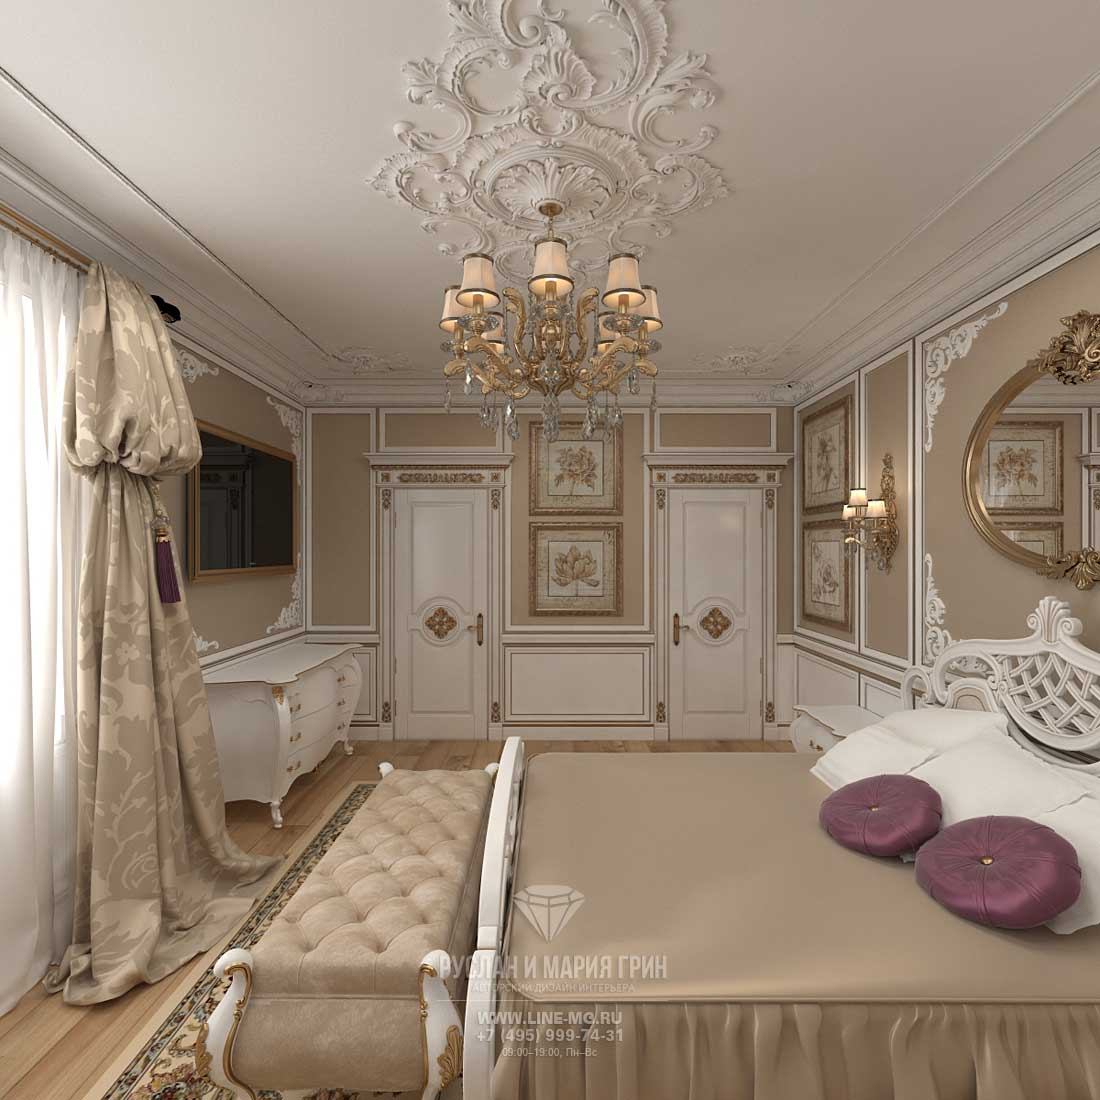 Дизайн спальни в загородном доме. Фото 2016